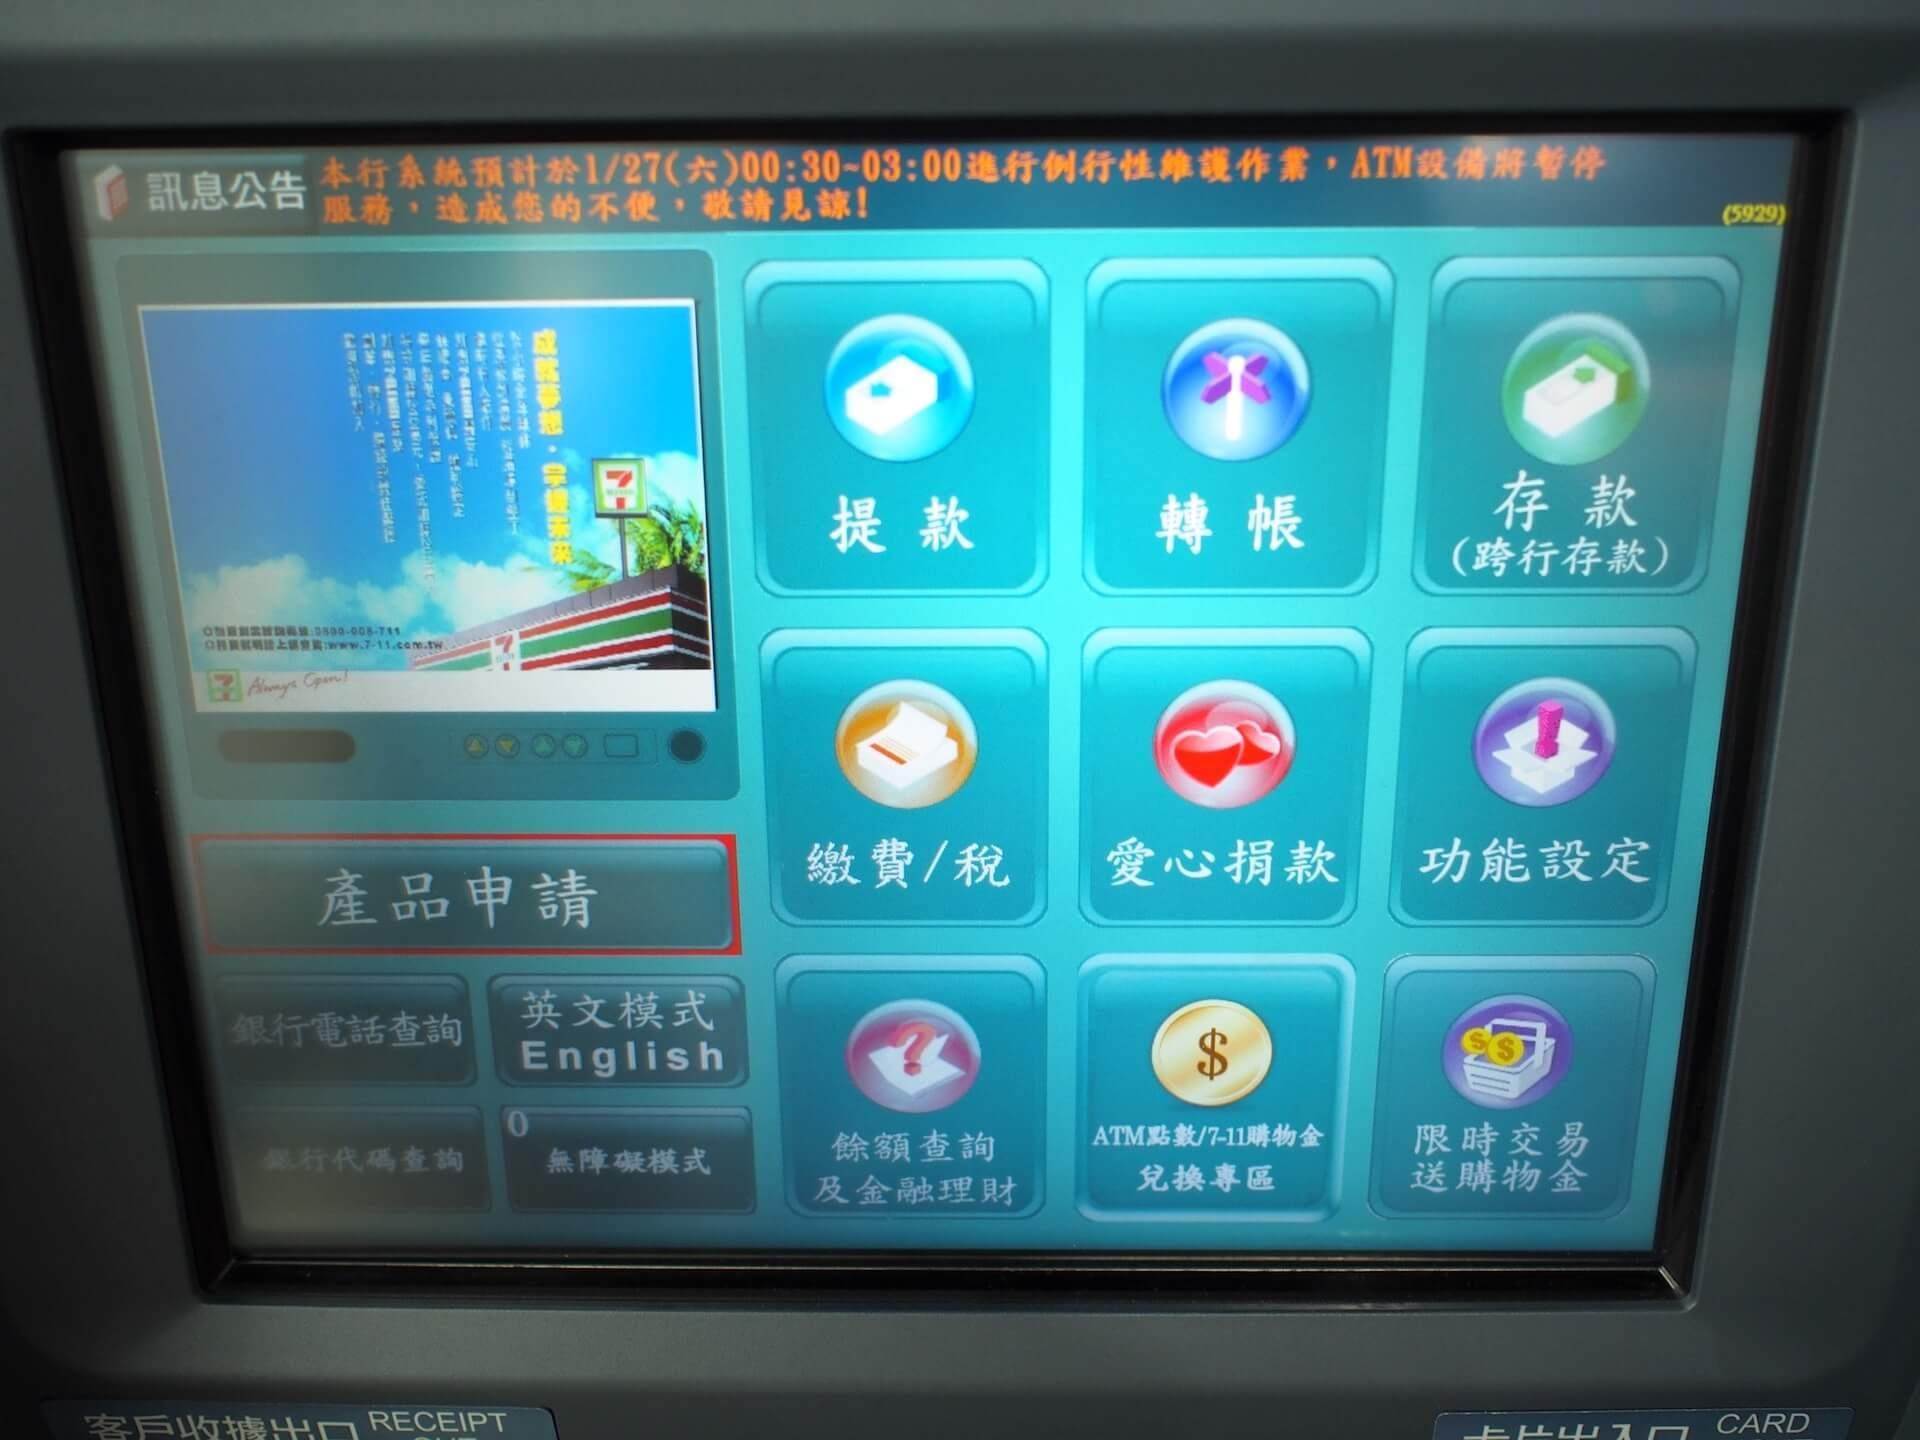 爆料公社 - 超商ATM存款因機器異常錢被拿走,報警後花了4個月的時間卻只得到封慰問信函!?